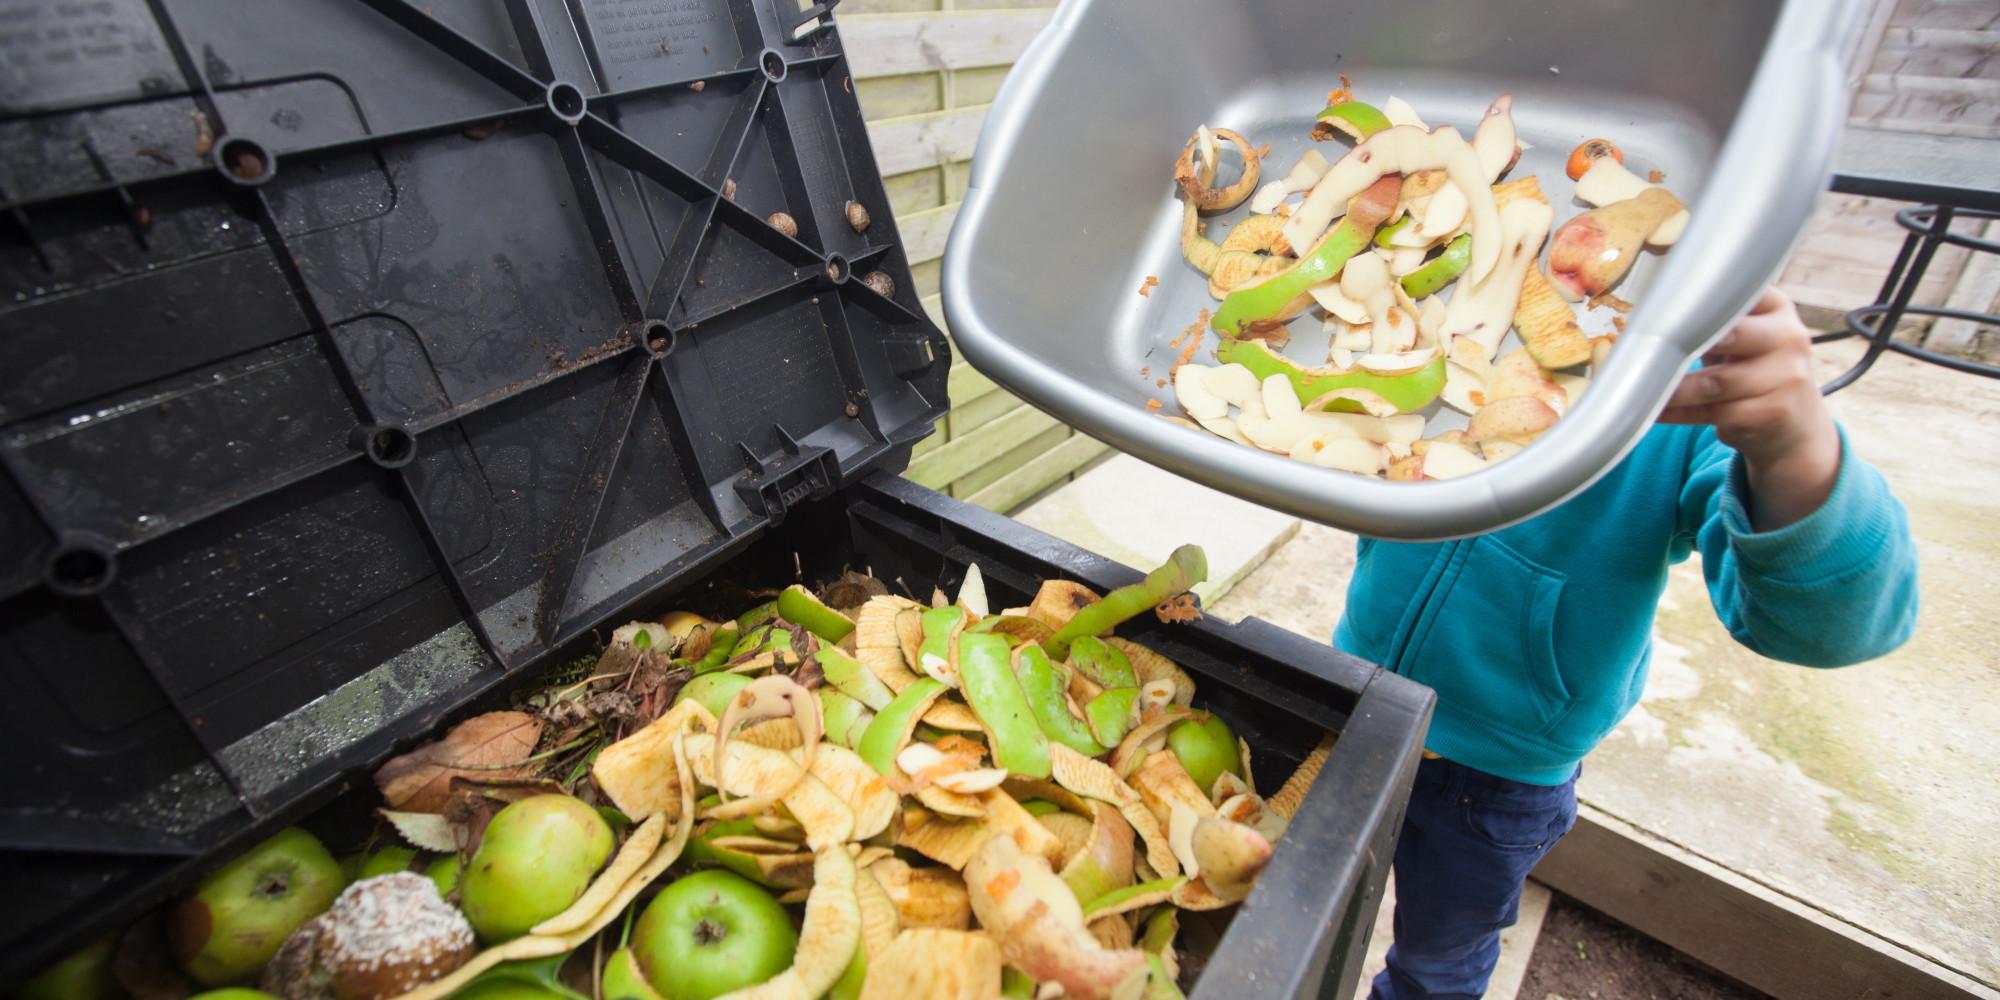 Способы утилизации пищевых отходов